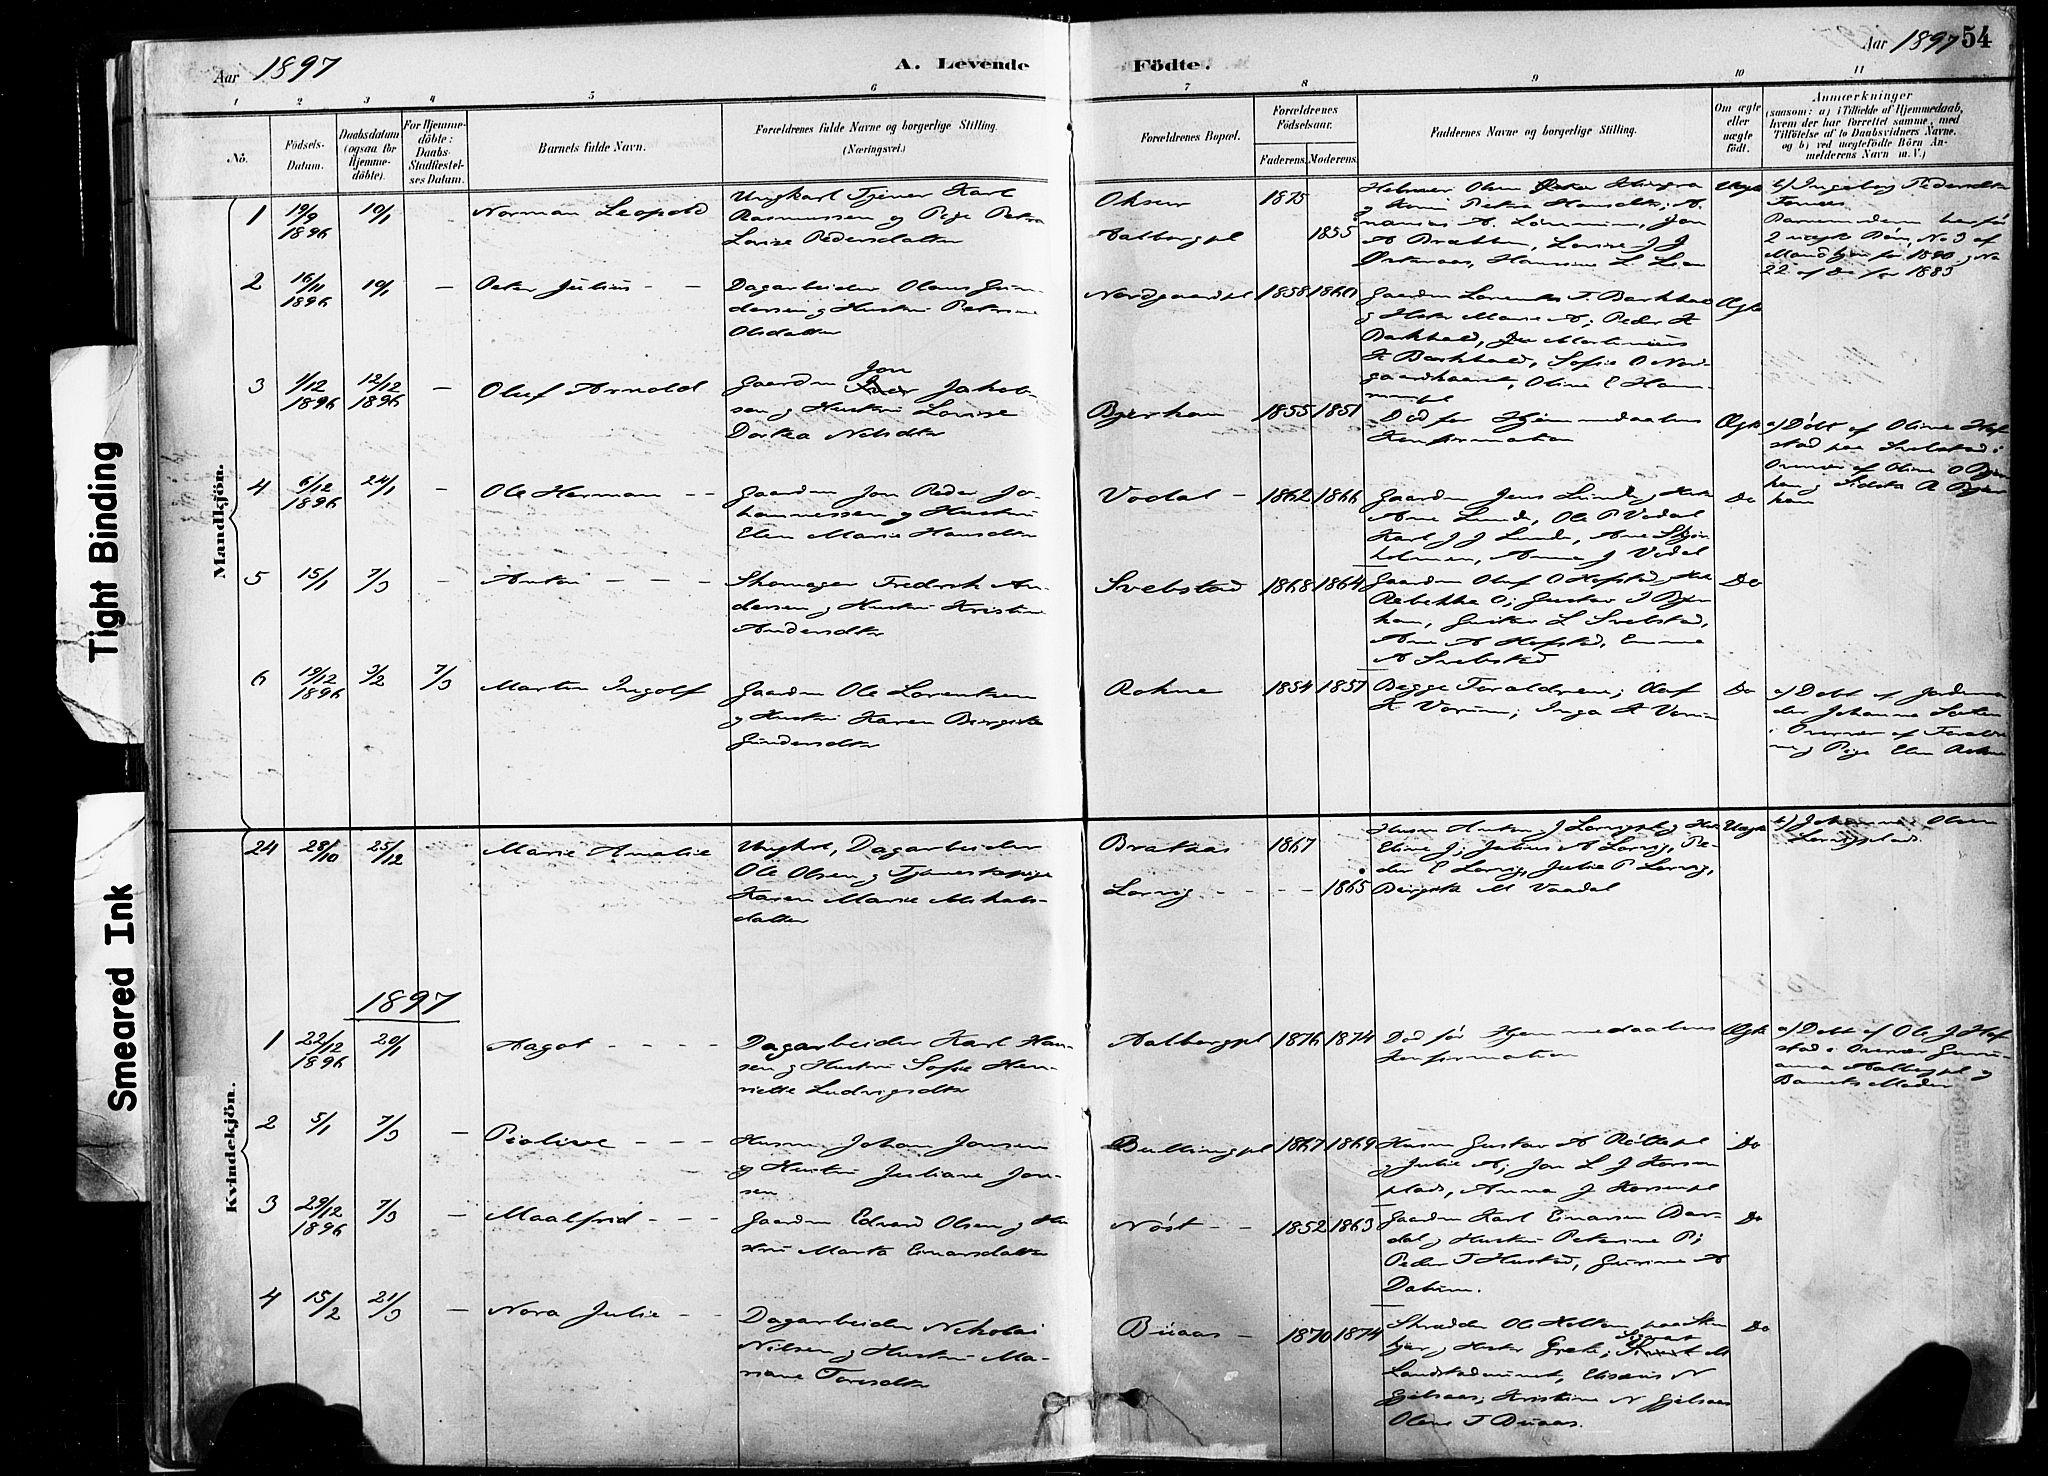 SAT, Ministerialprotokoller, klokkerbøker og fødselsregistre - Nord-Trøndelag, 735/L0351: Ministerialbok nr. 735A10, 1884-1908, s. 54